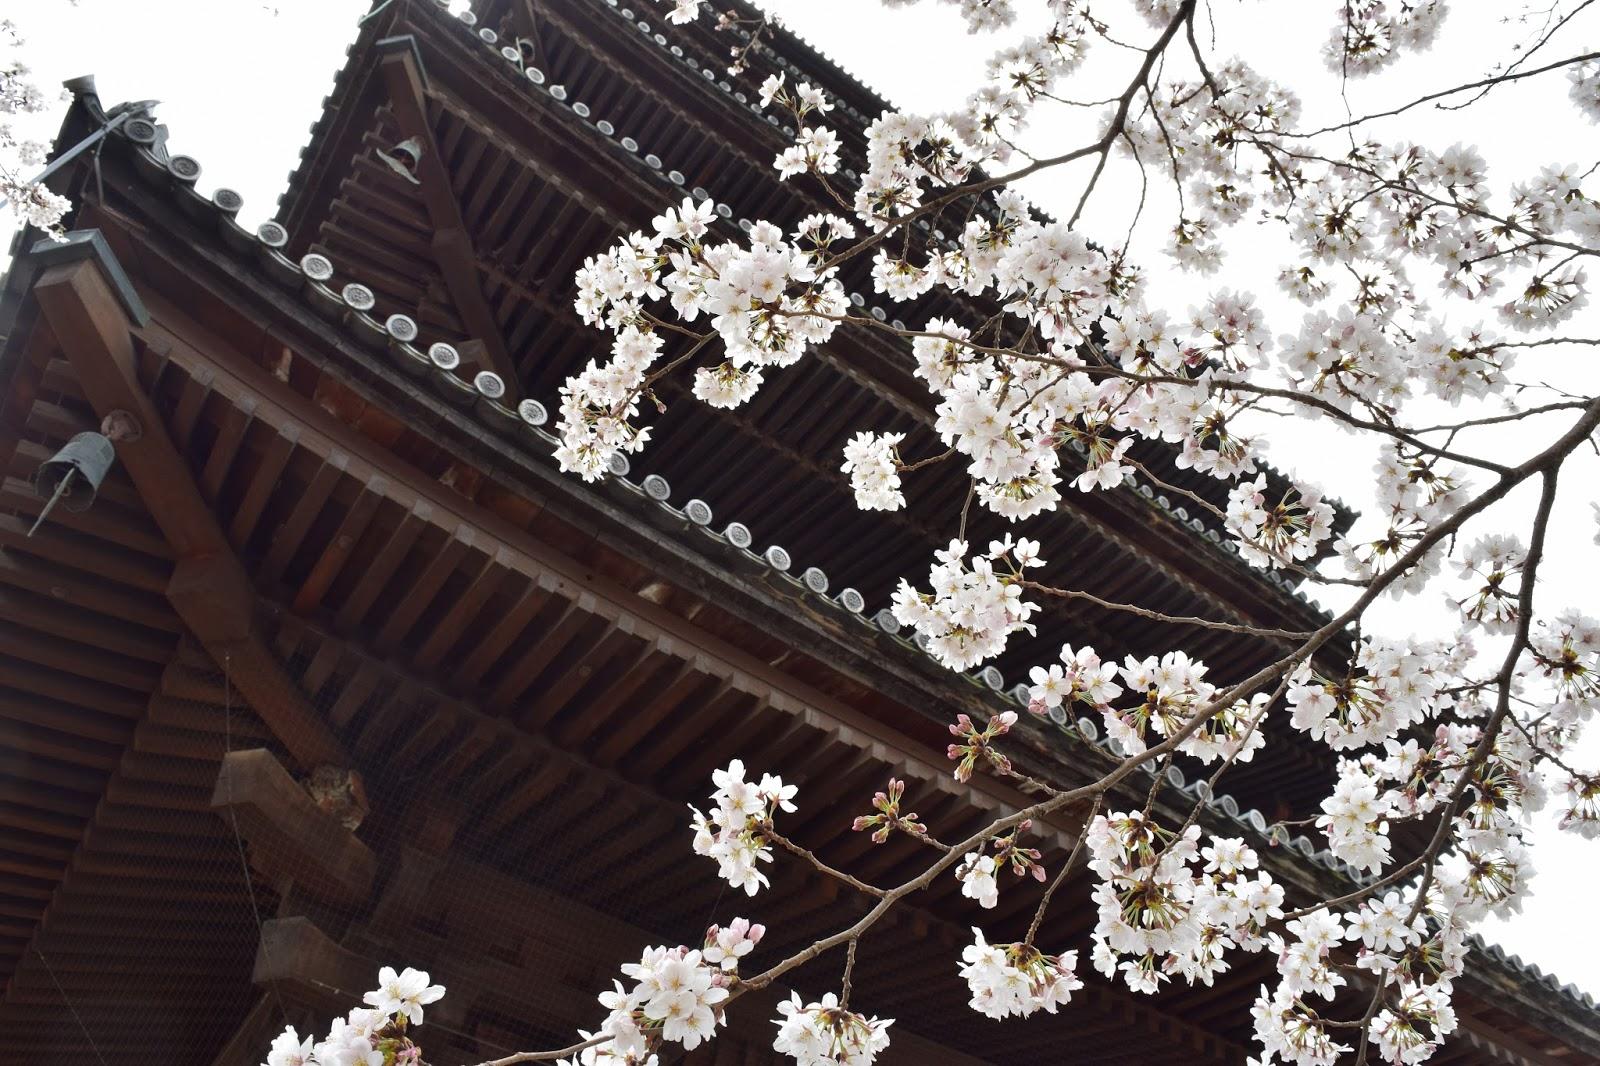 Toji sakura